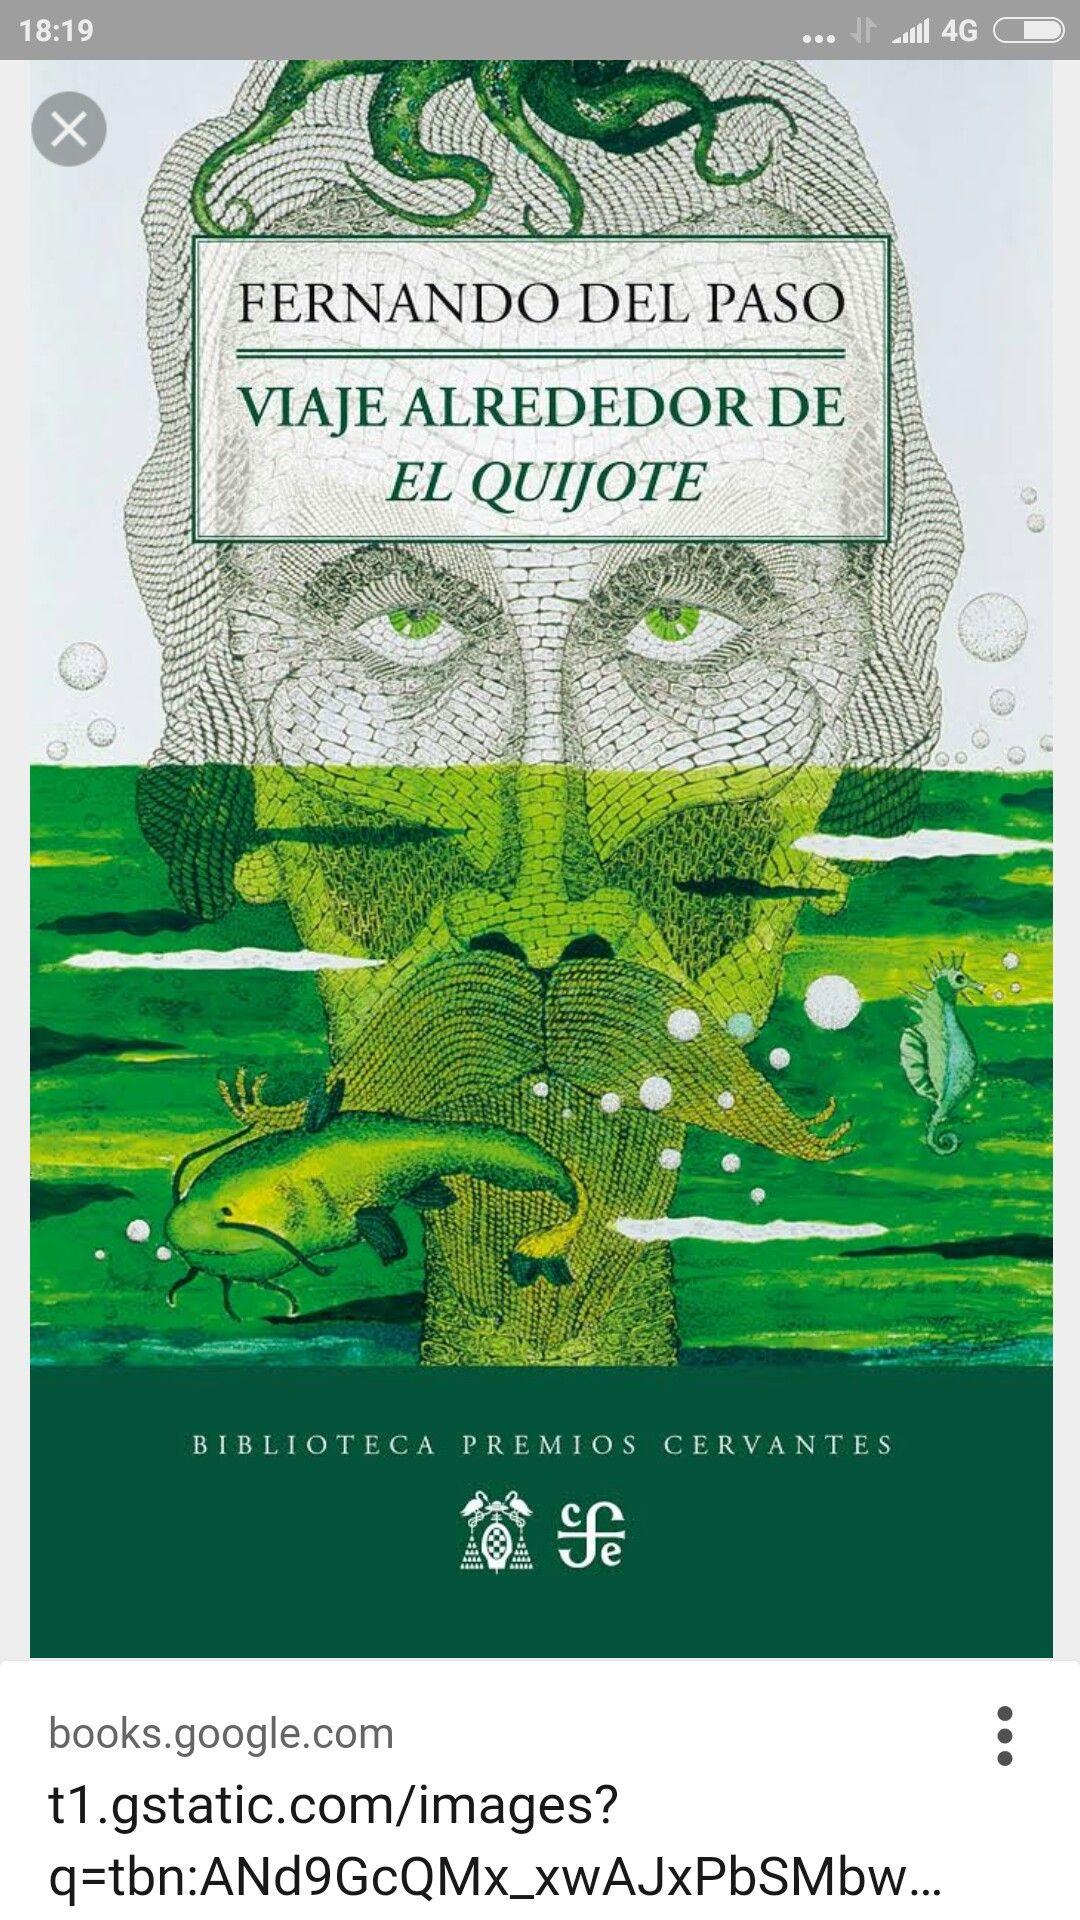 Viaje alrededor de El Quijote #books #libros #historica